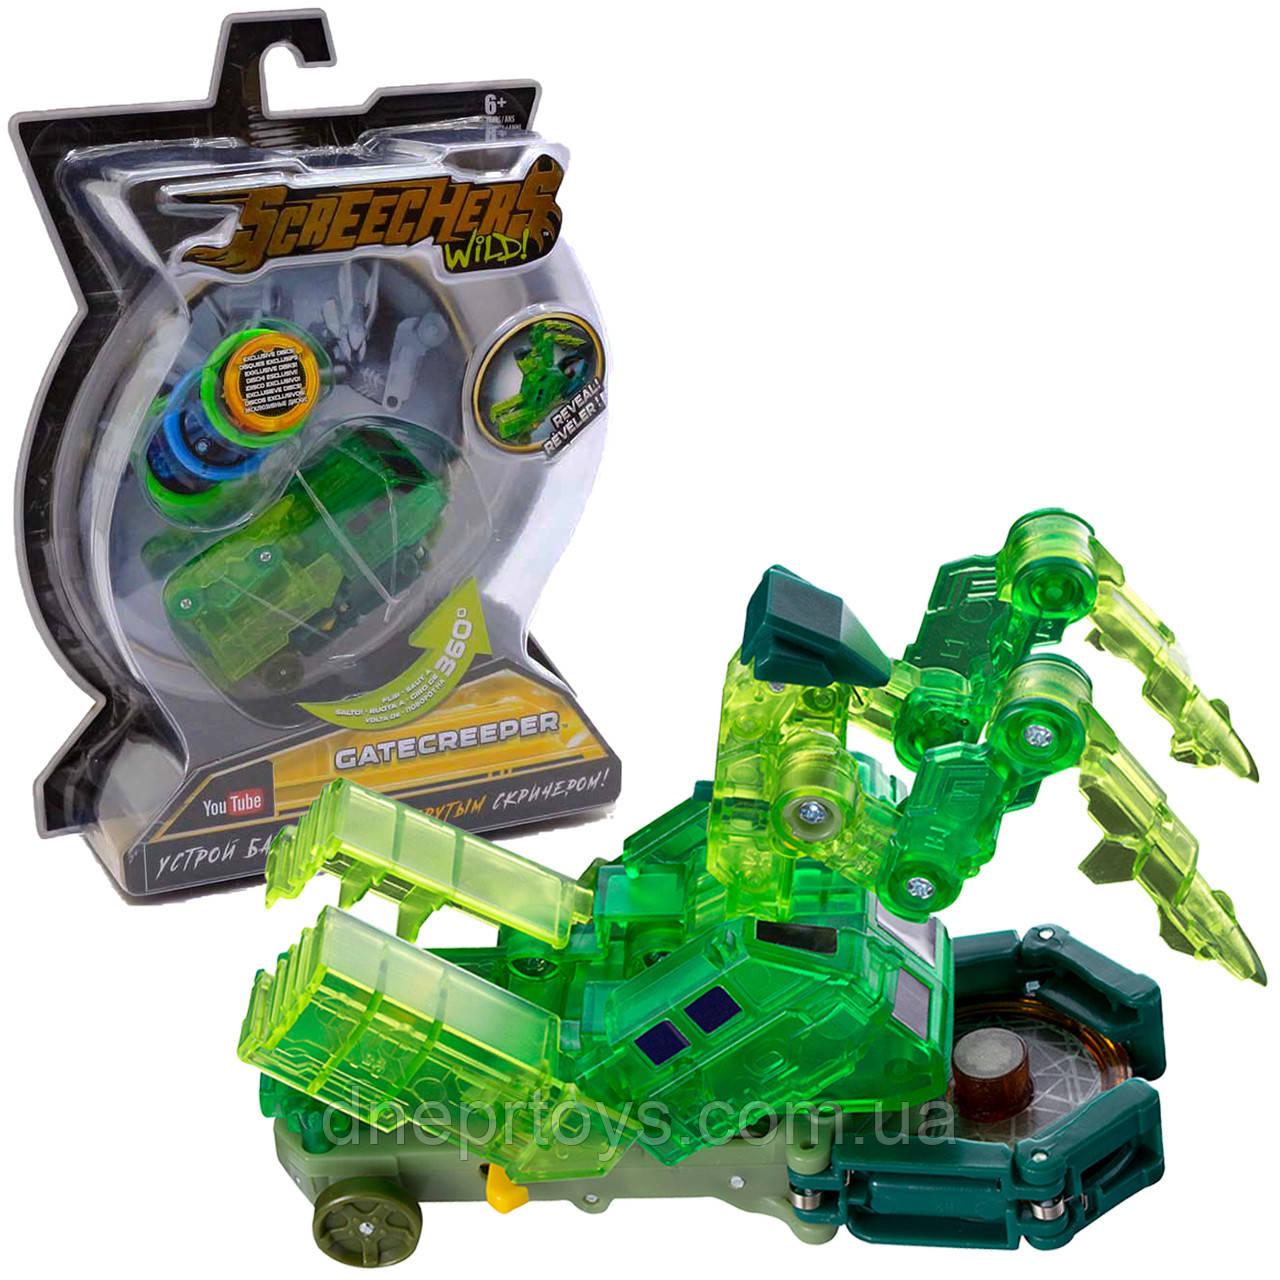 Машинка-трансформер игровой набор Screechers Wild Скричеры S2 L2 Гейткрипер (EU683123)